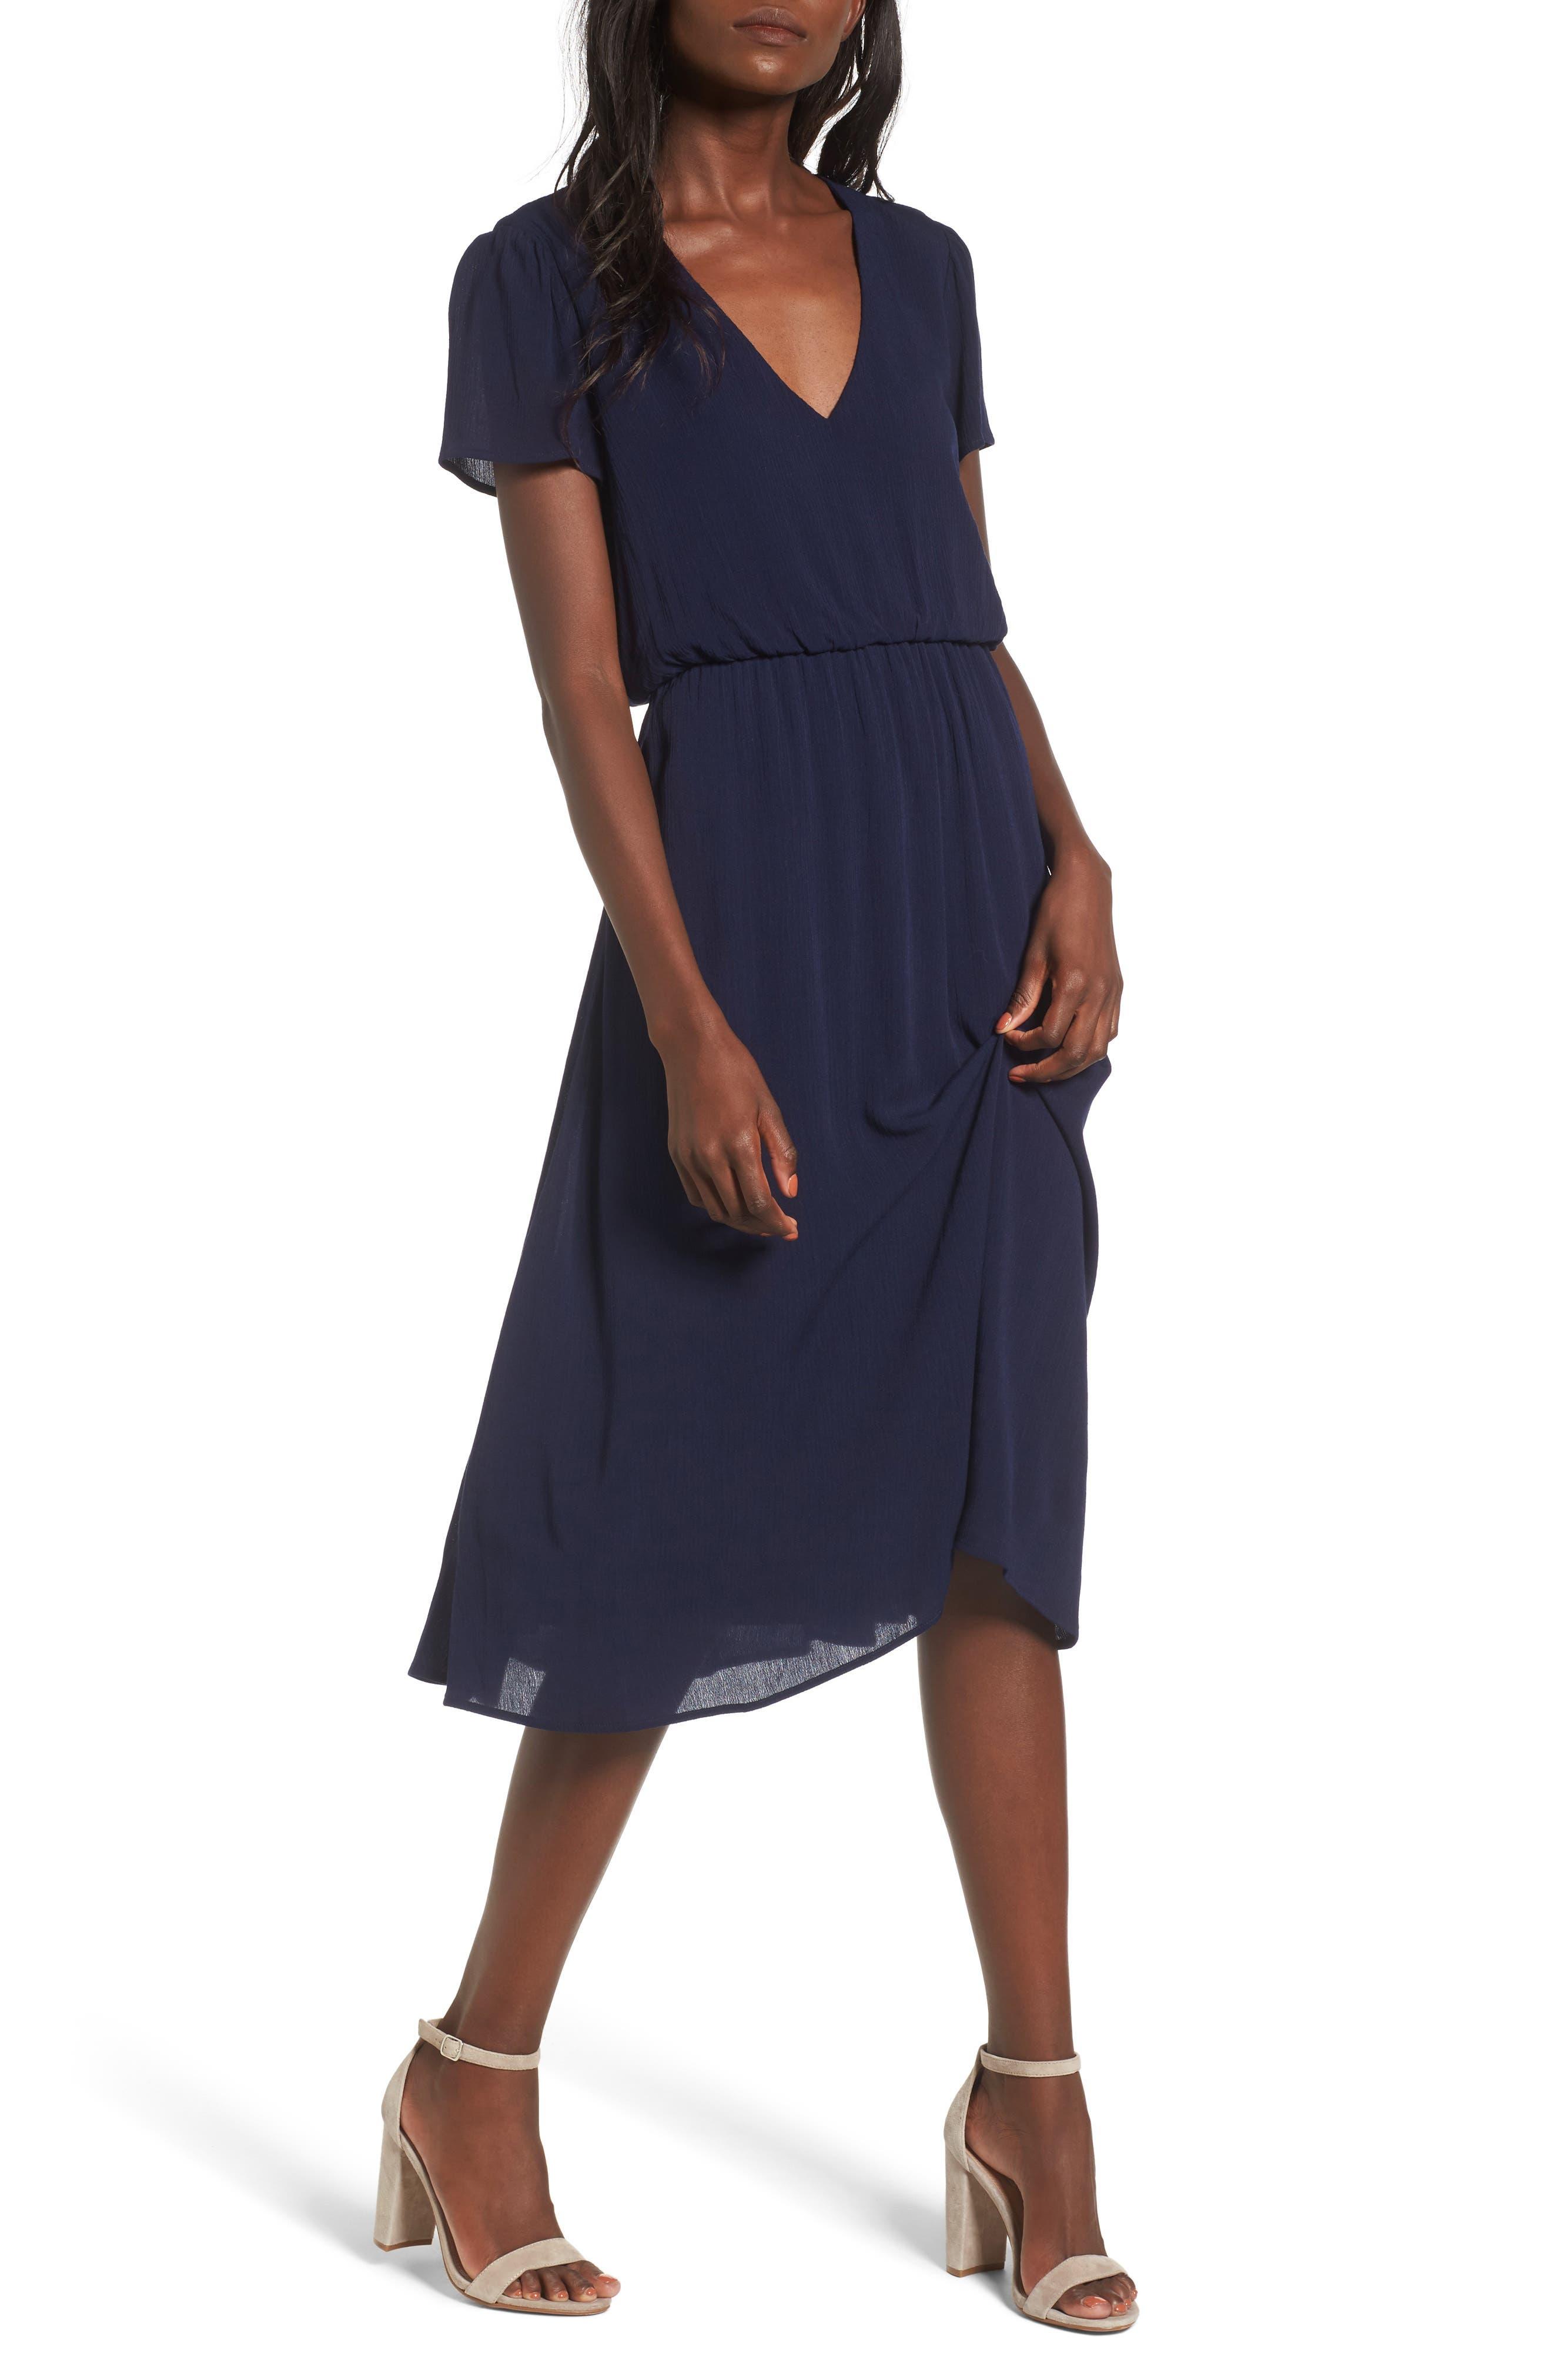 Blouson Midi Dress,                             Main thumbnail 1, color,                             Navy